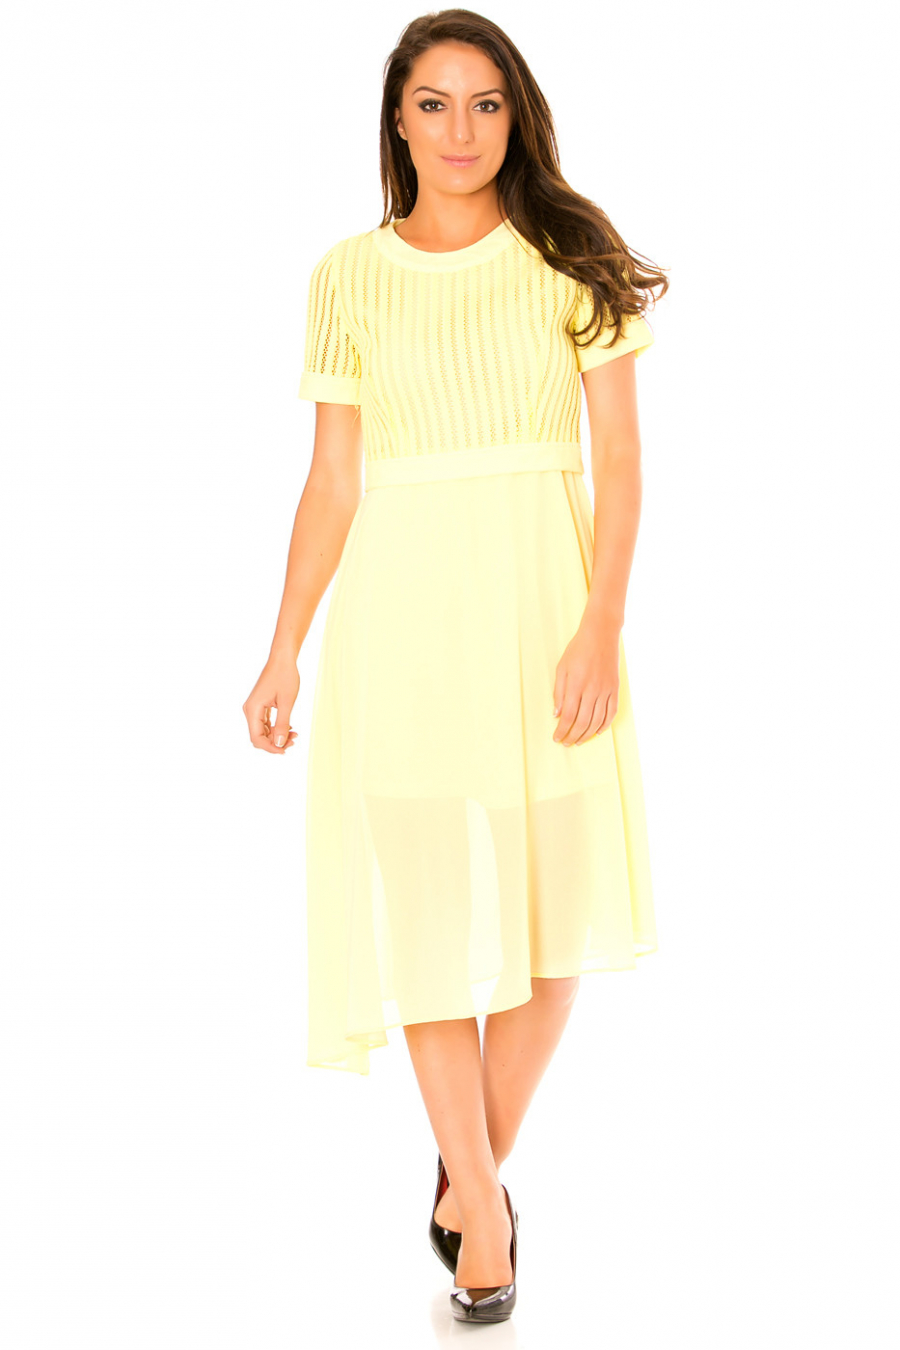 Robe jaune asymétrique et bi matière. Haut à trou et jupe en voilage. F6281